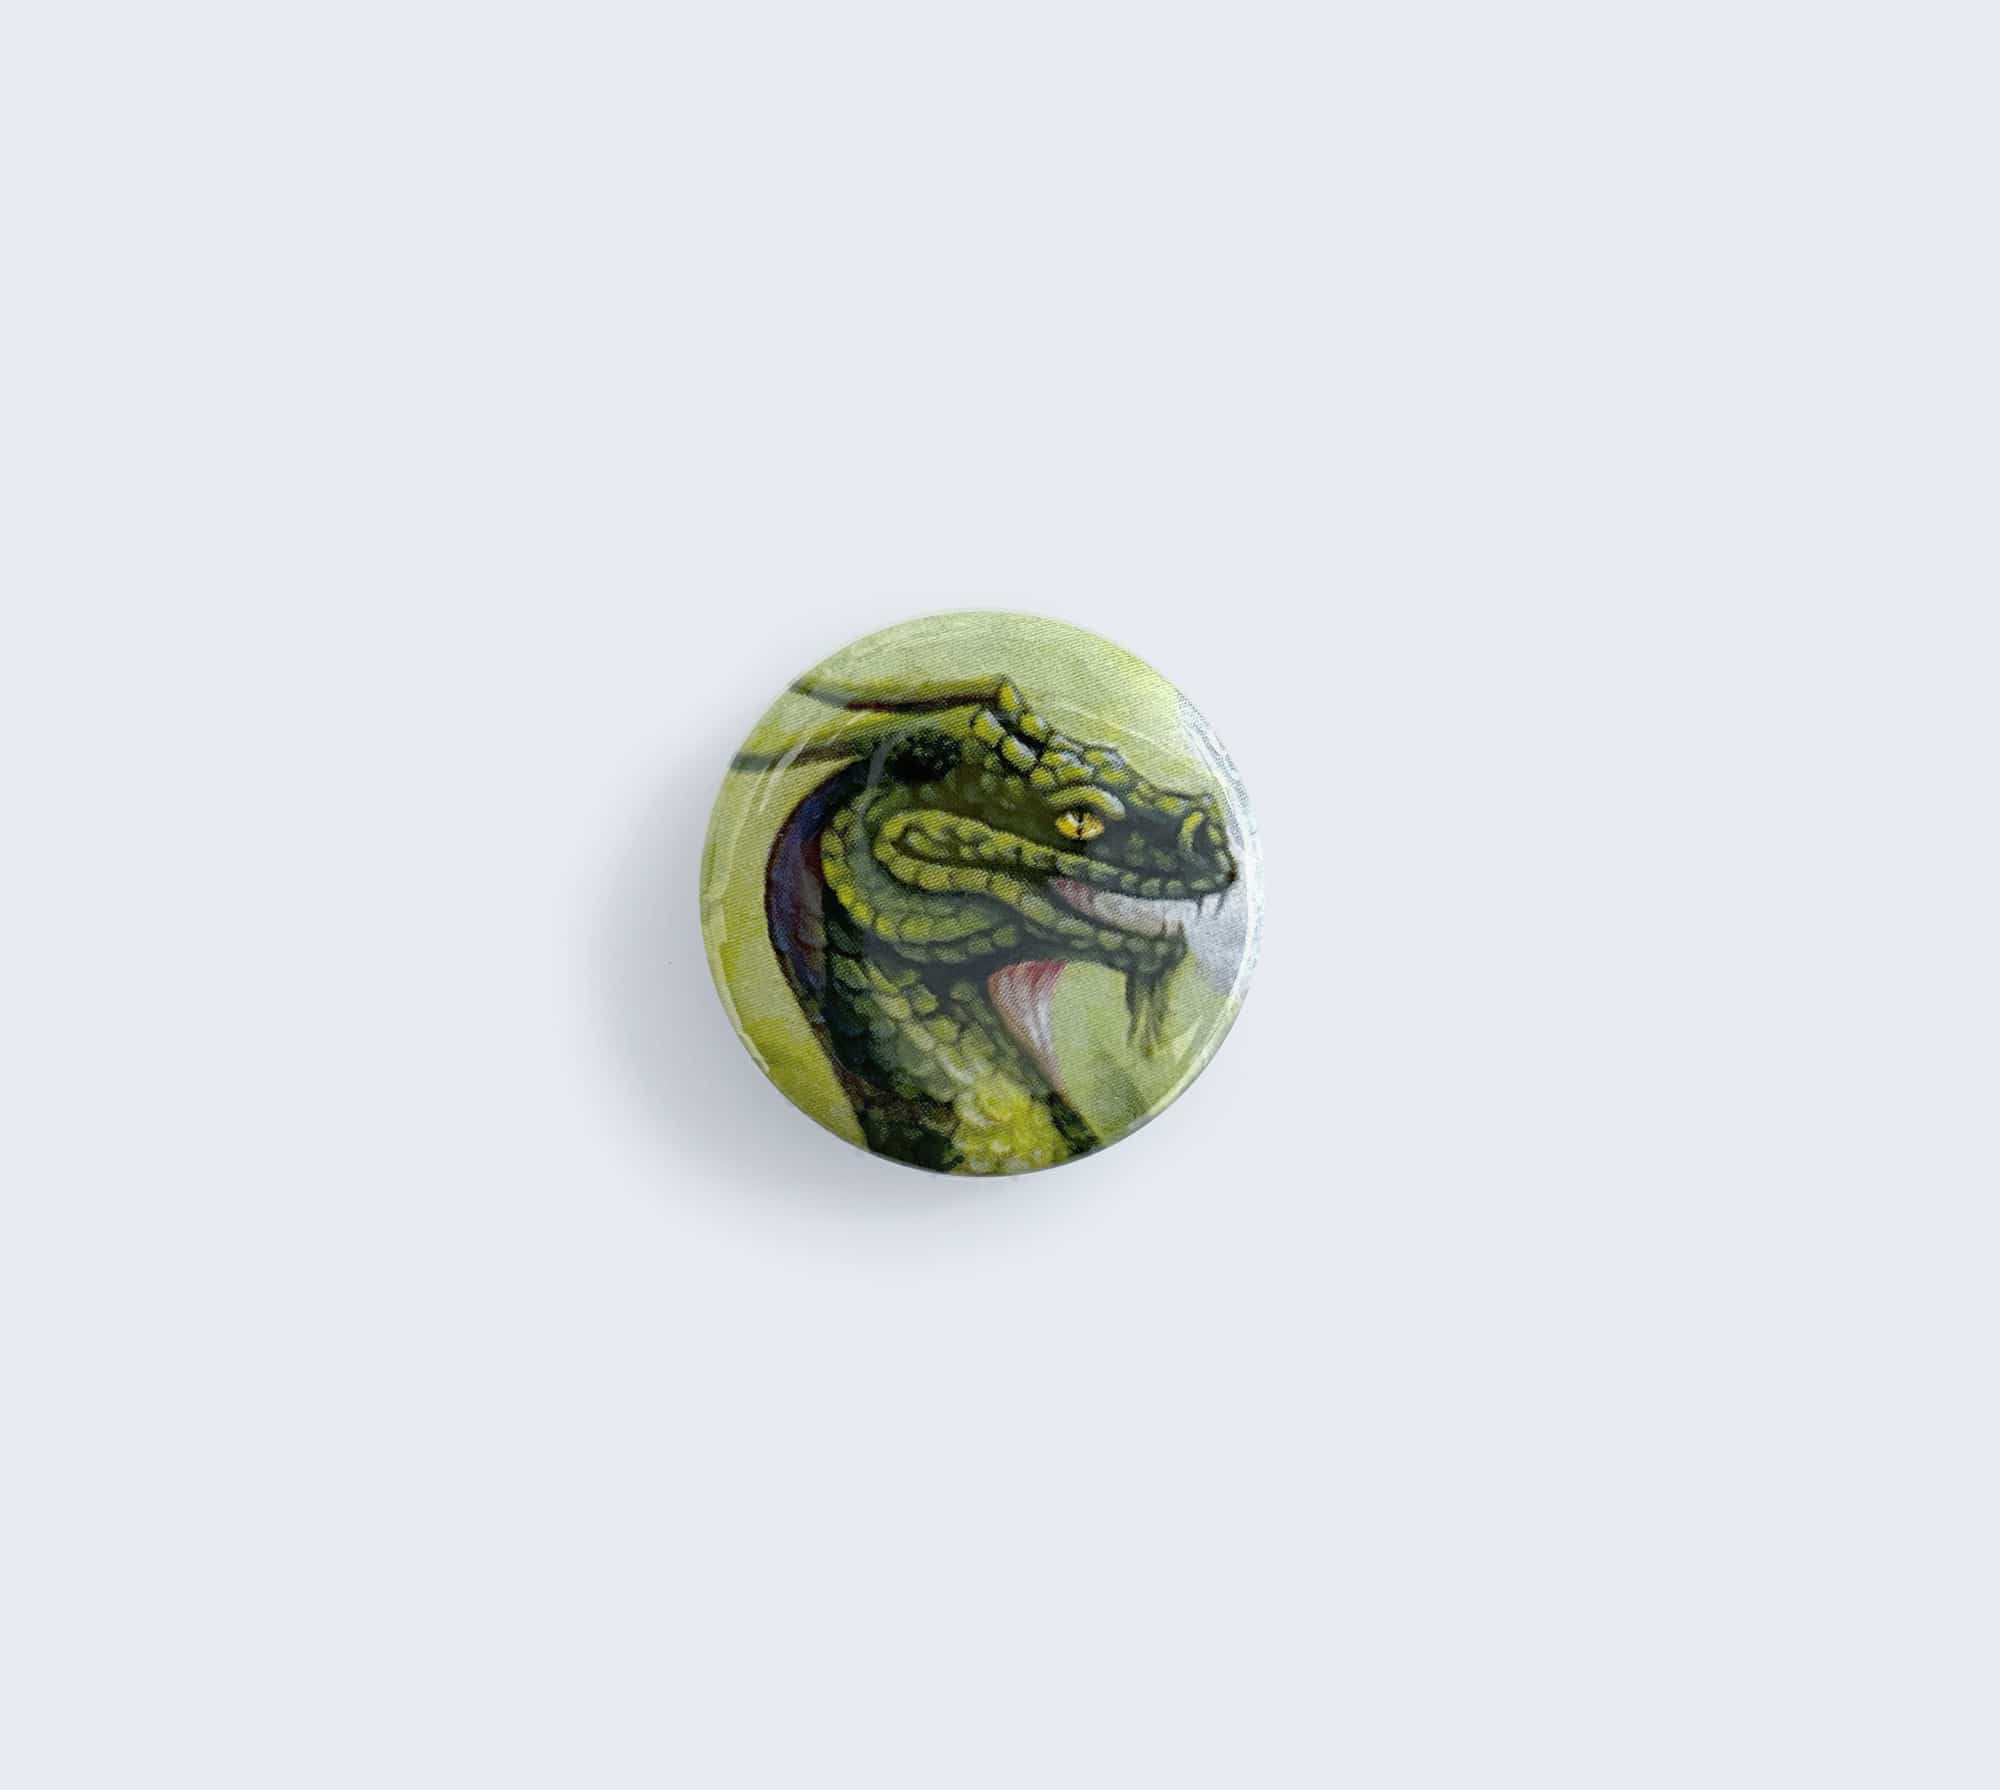 Green Dragon Pin - Button Artwork by Rebecca Magar